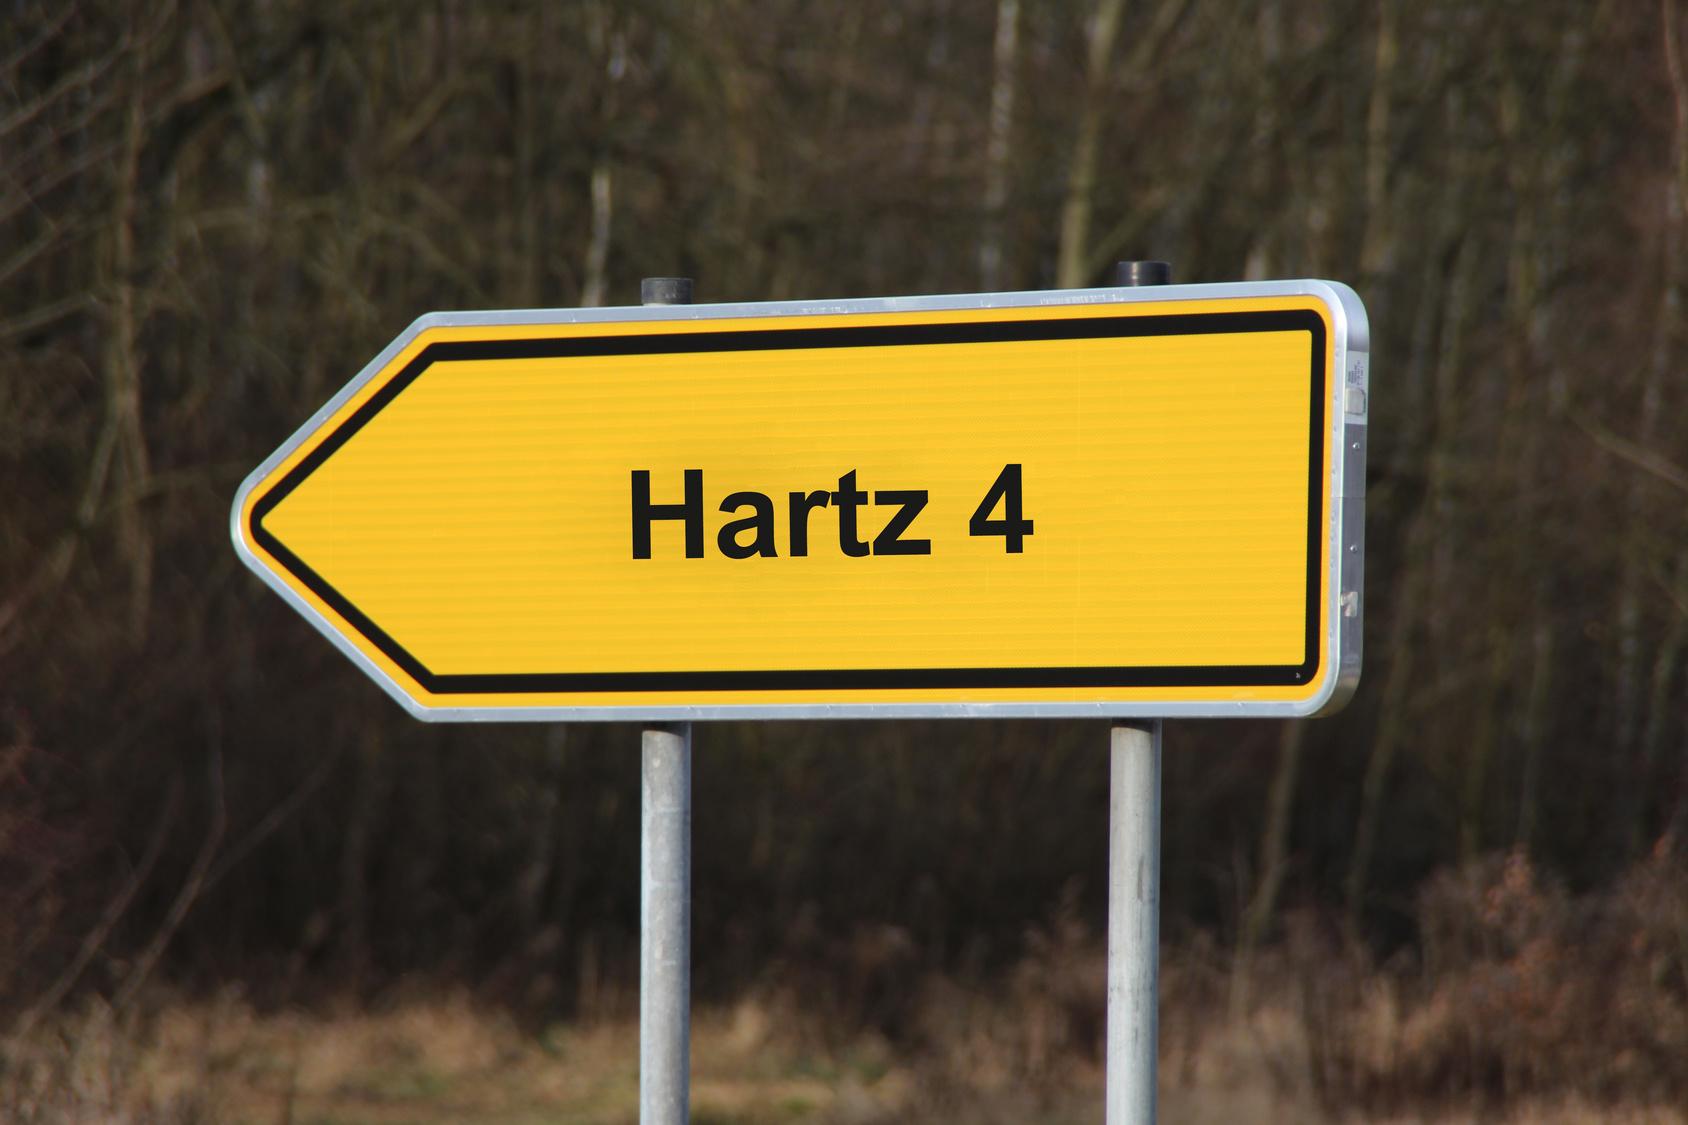 Hartz IV Eingliederungsvereinbarung: Unterschrift ist nicht verpflichtend!